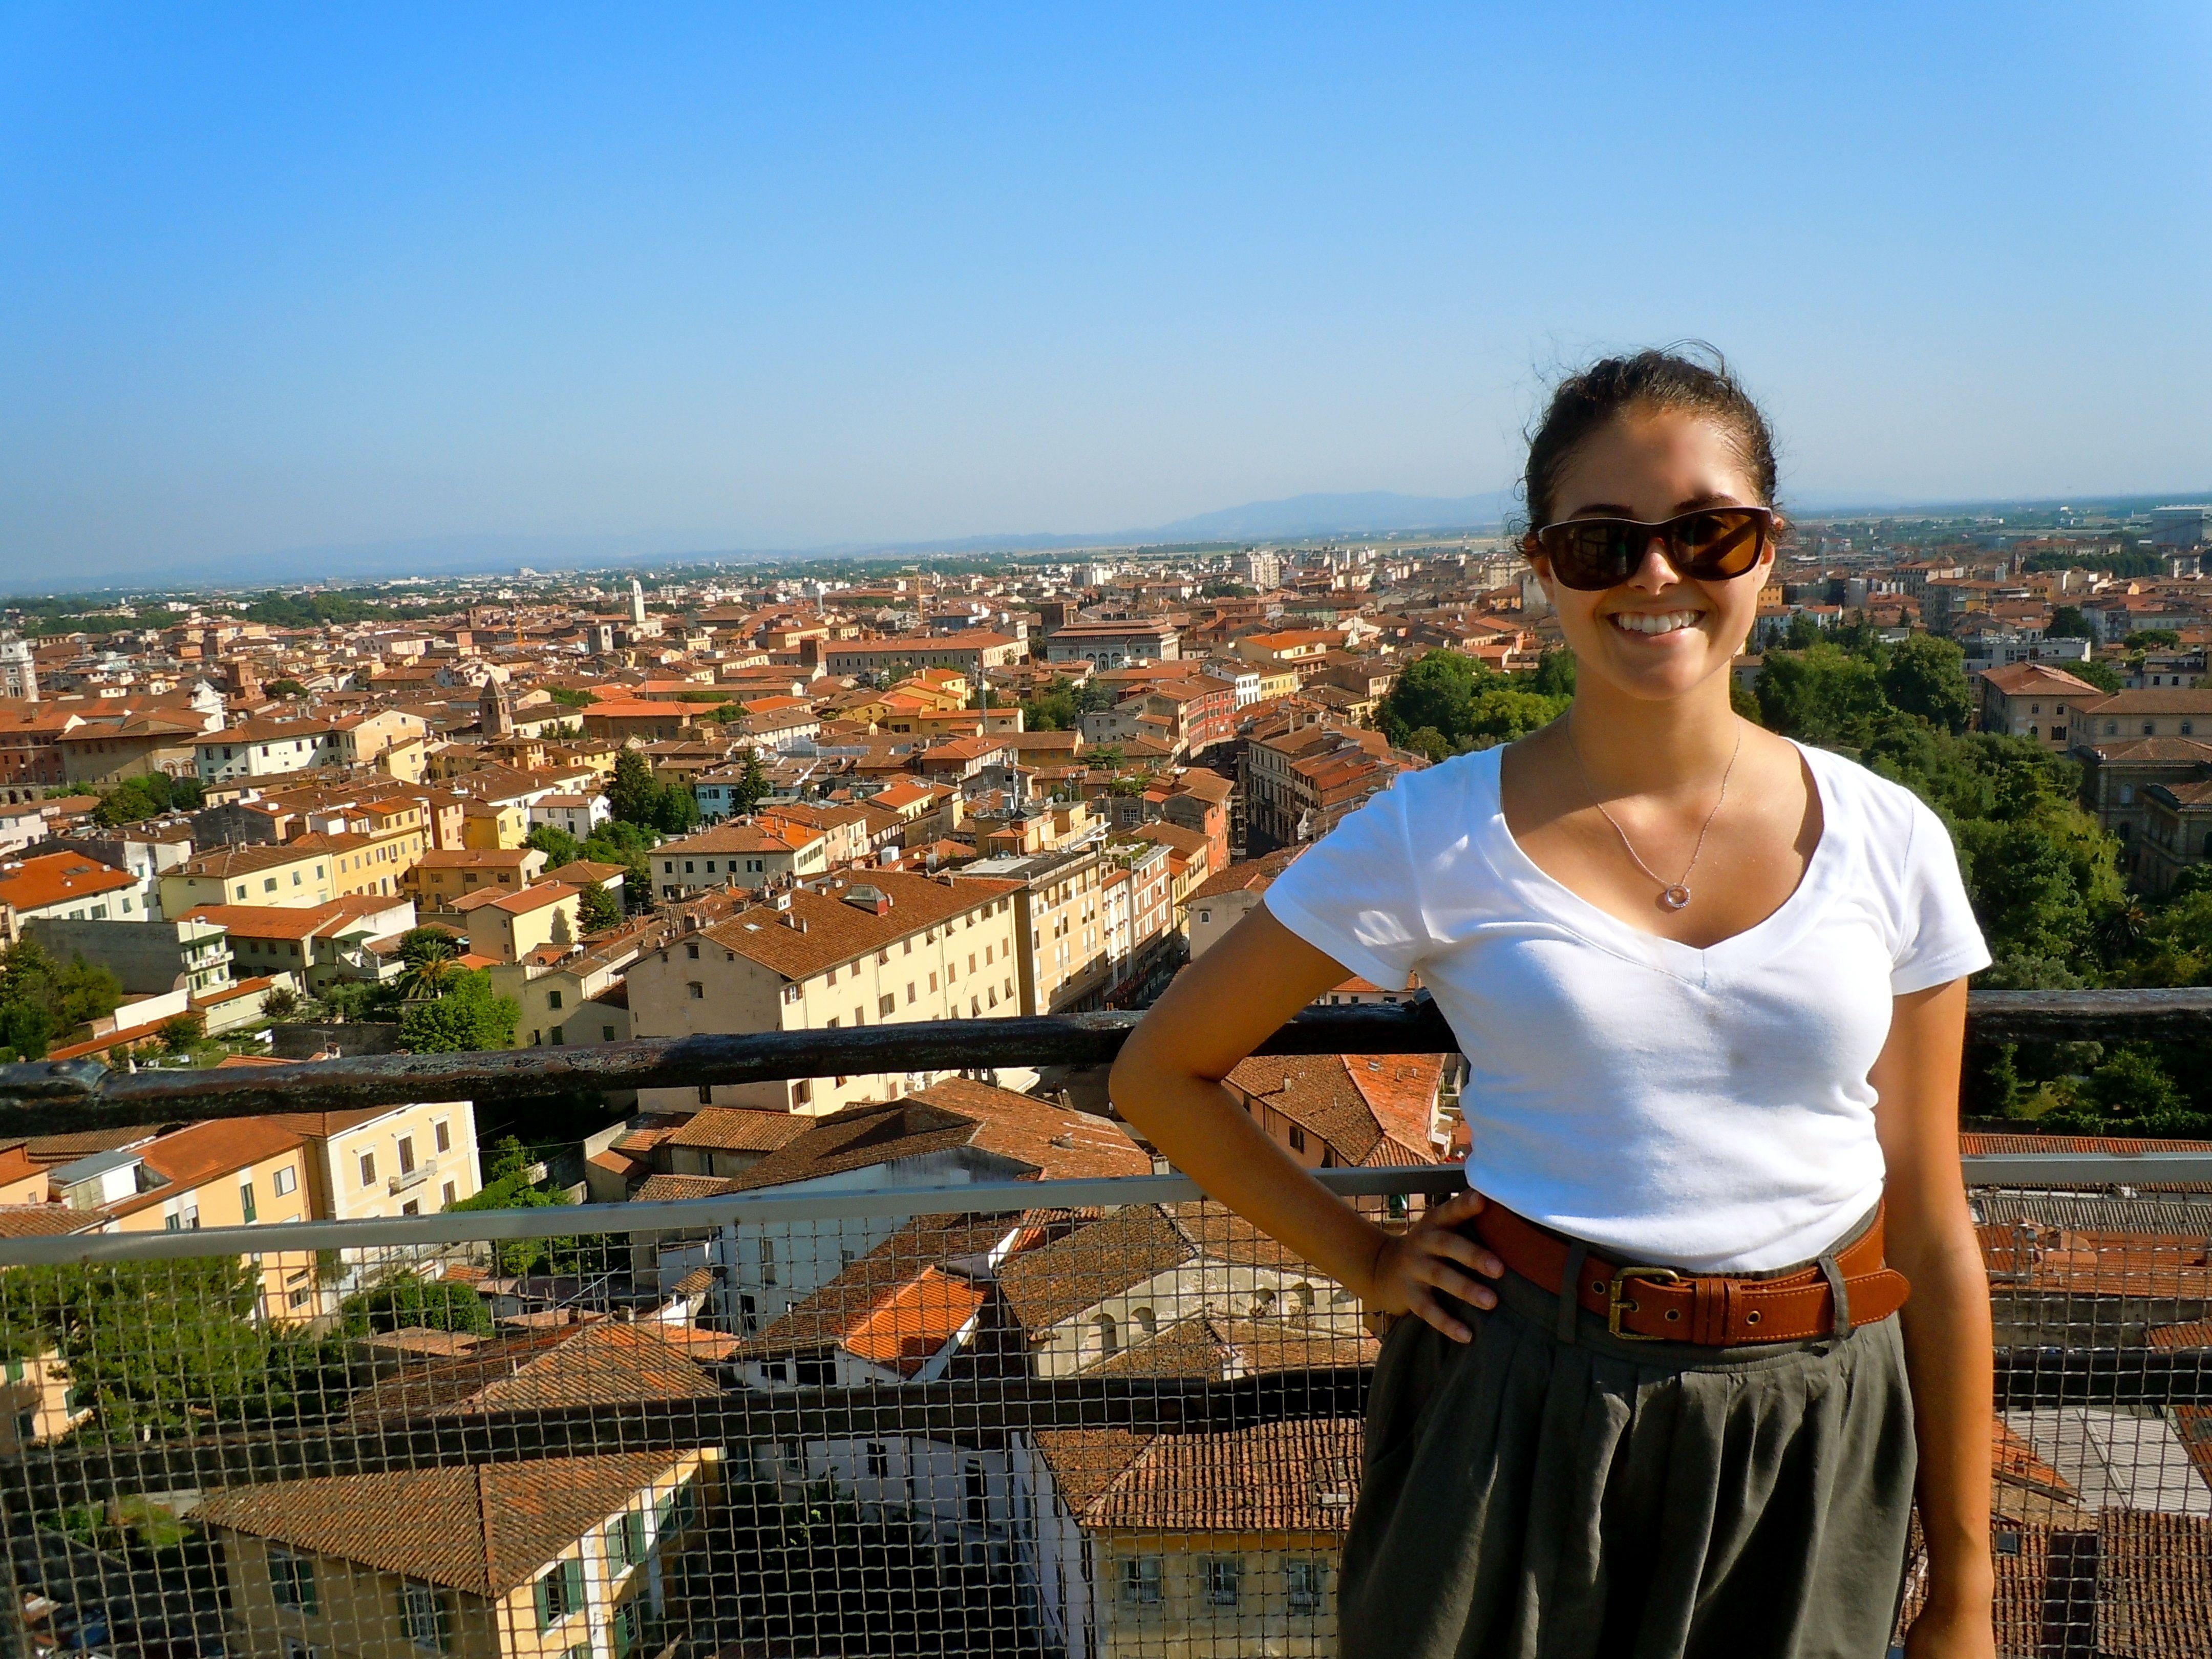 Pisa skyline